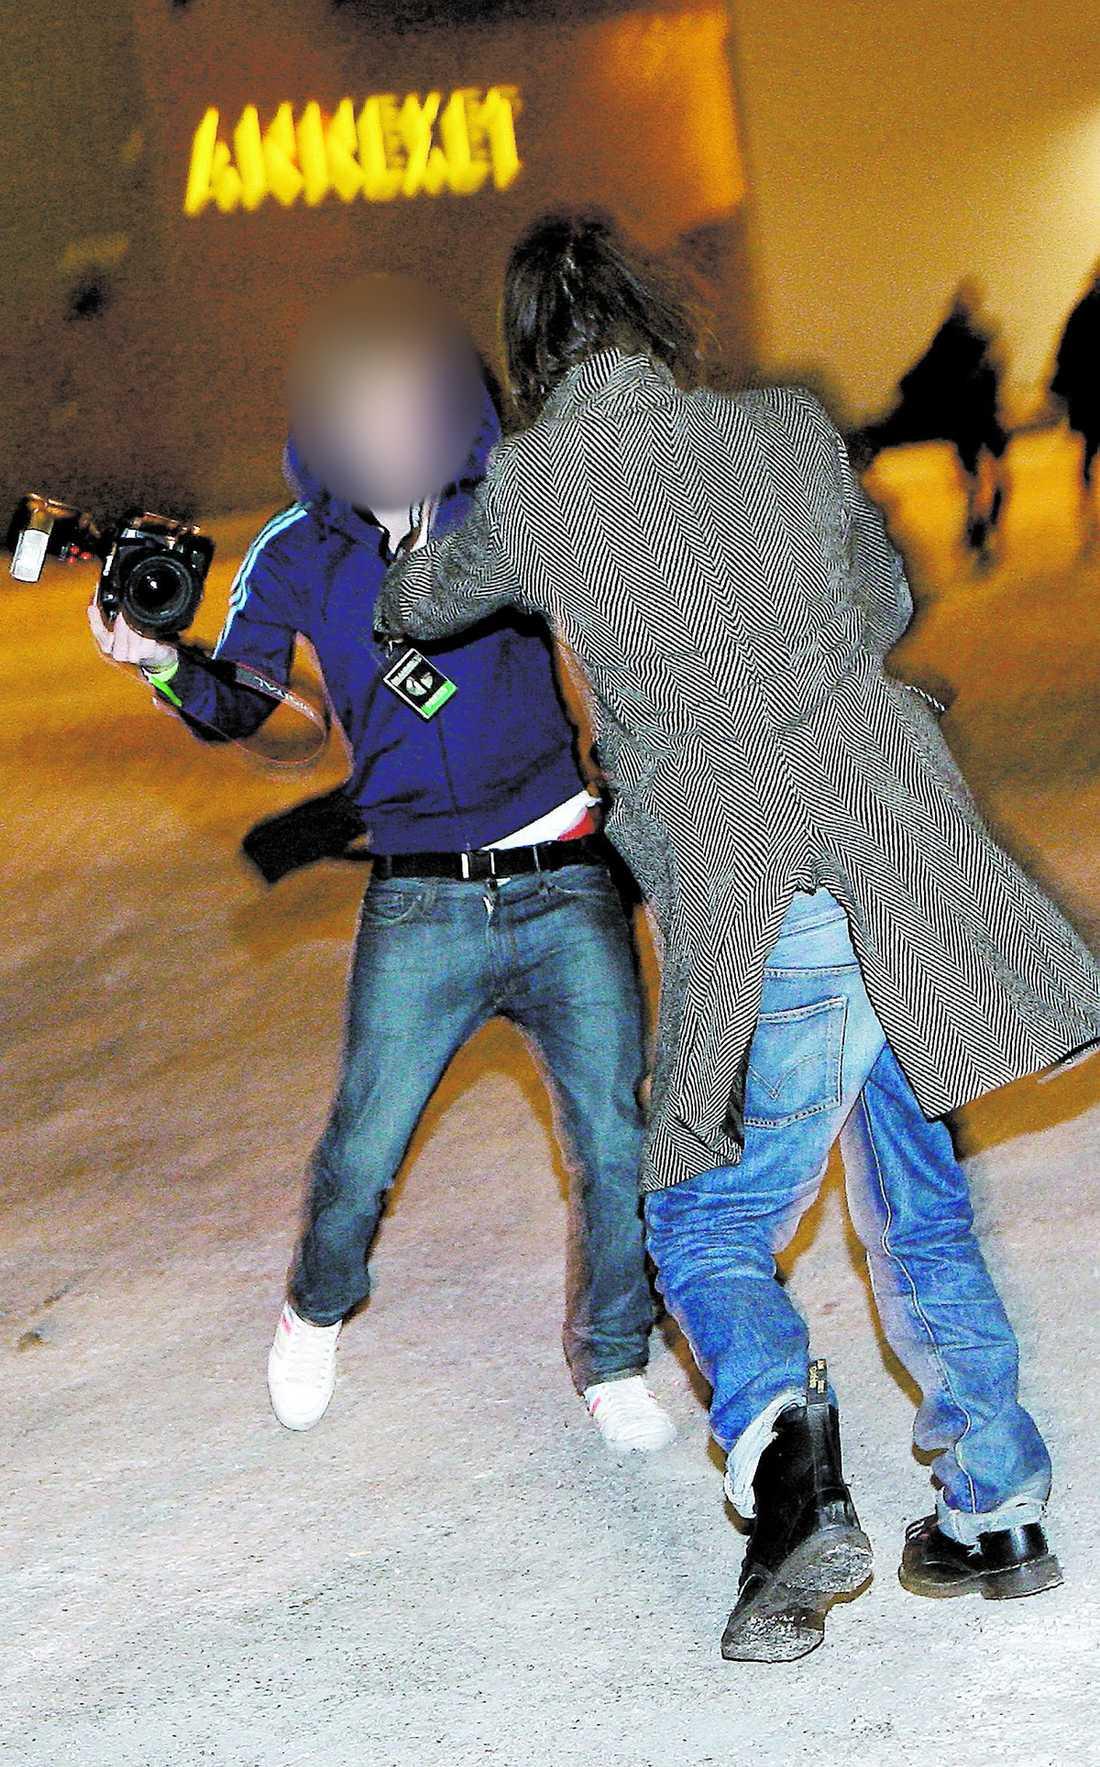 När han hastigt lämnade Grammisgalan knuffade en uppjagad Andreas Kleerup till en fotograf i bröstet.